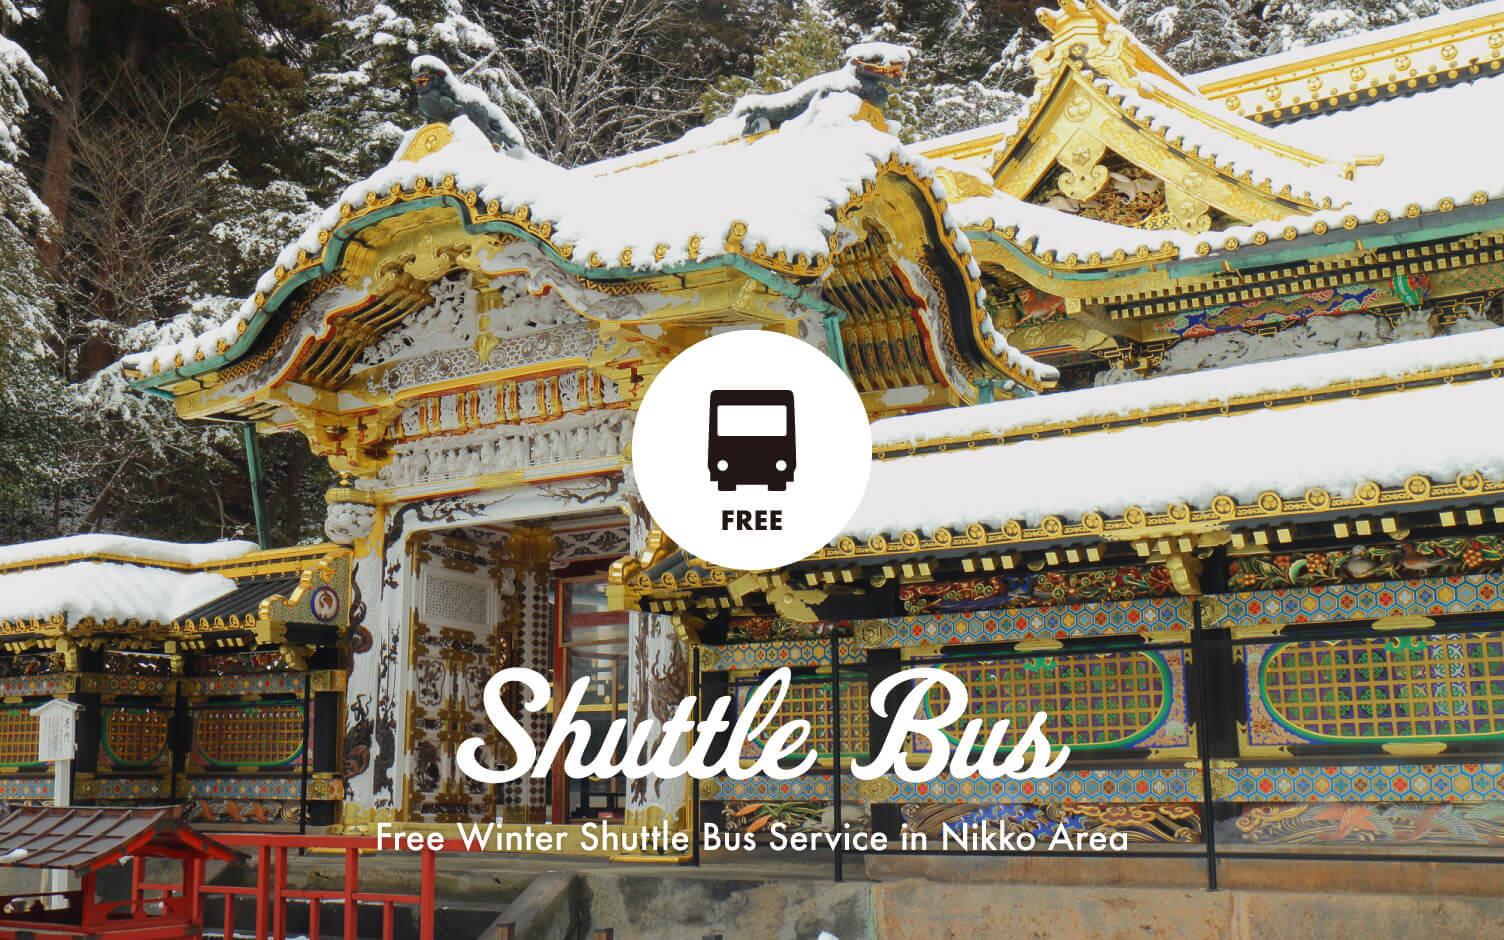 호시노 리조트 카이 닛코 / 카이 기누가와 / 카이 가와지 동절기 무료 셔틀버스 운행